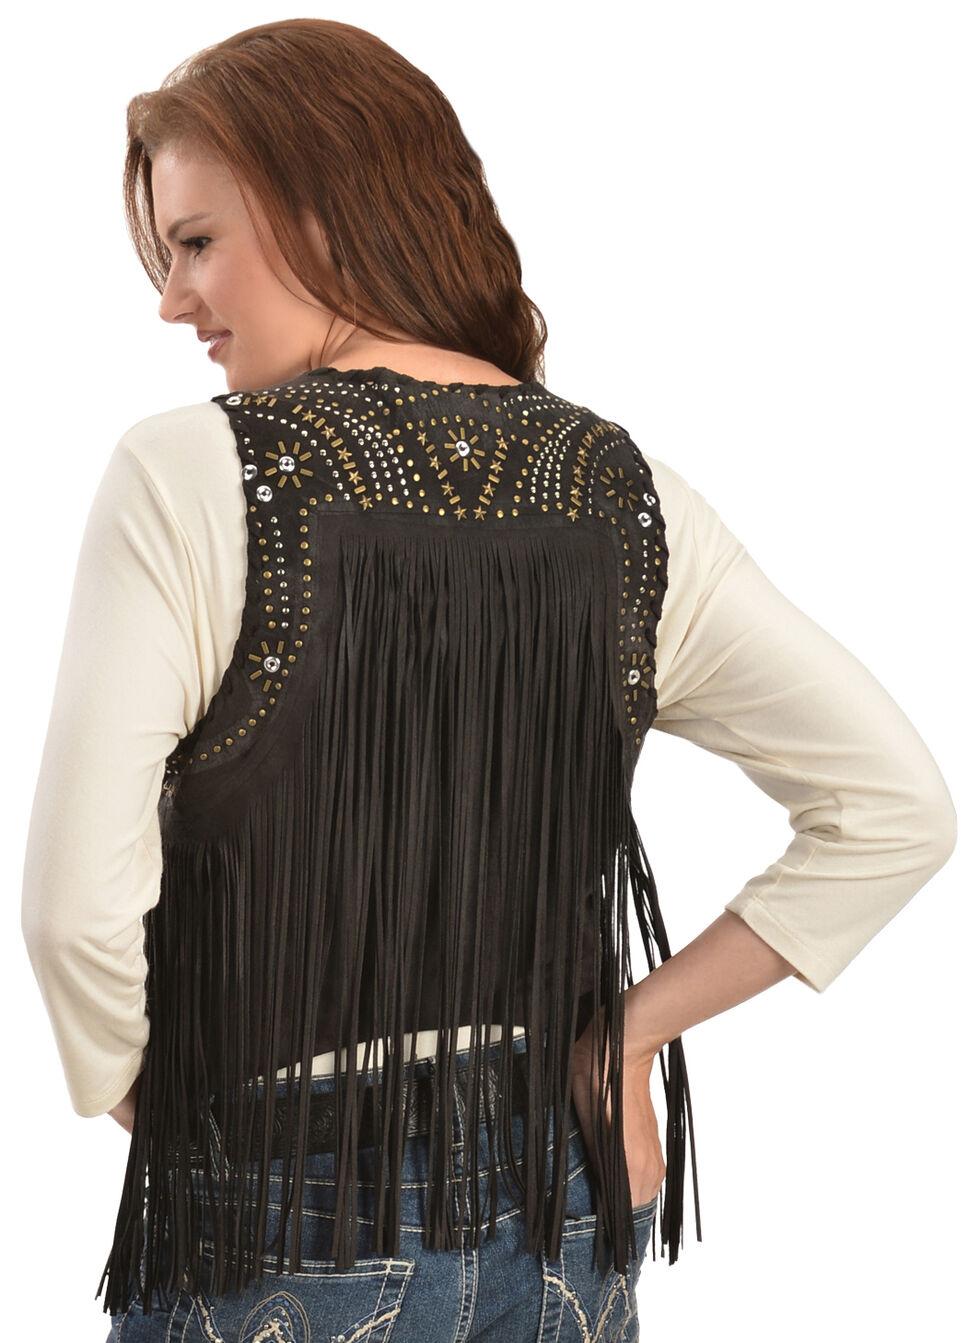 Panhandle Slim Women's Black Suede Fringe Vest, Black, hi-res